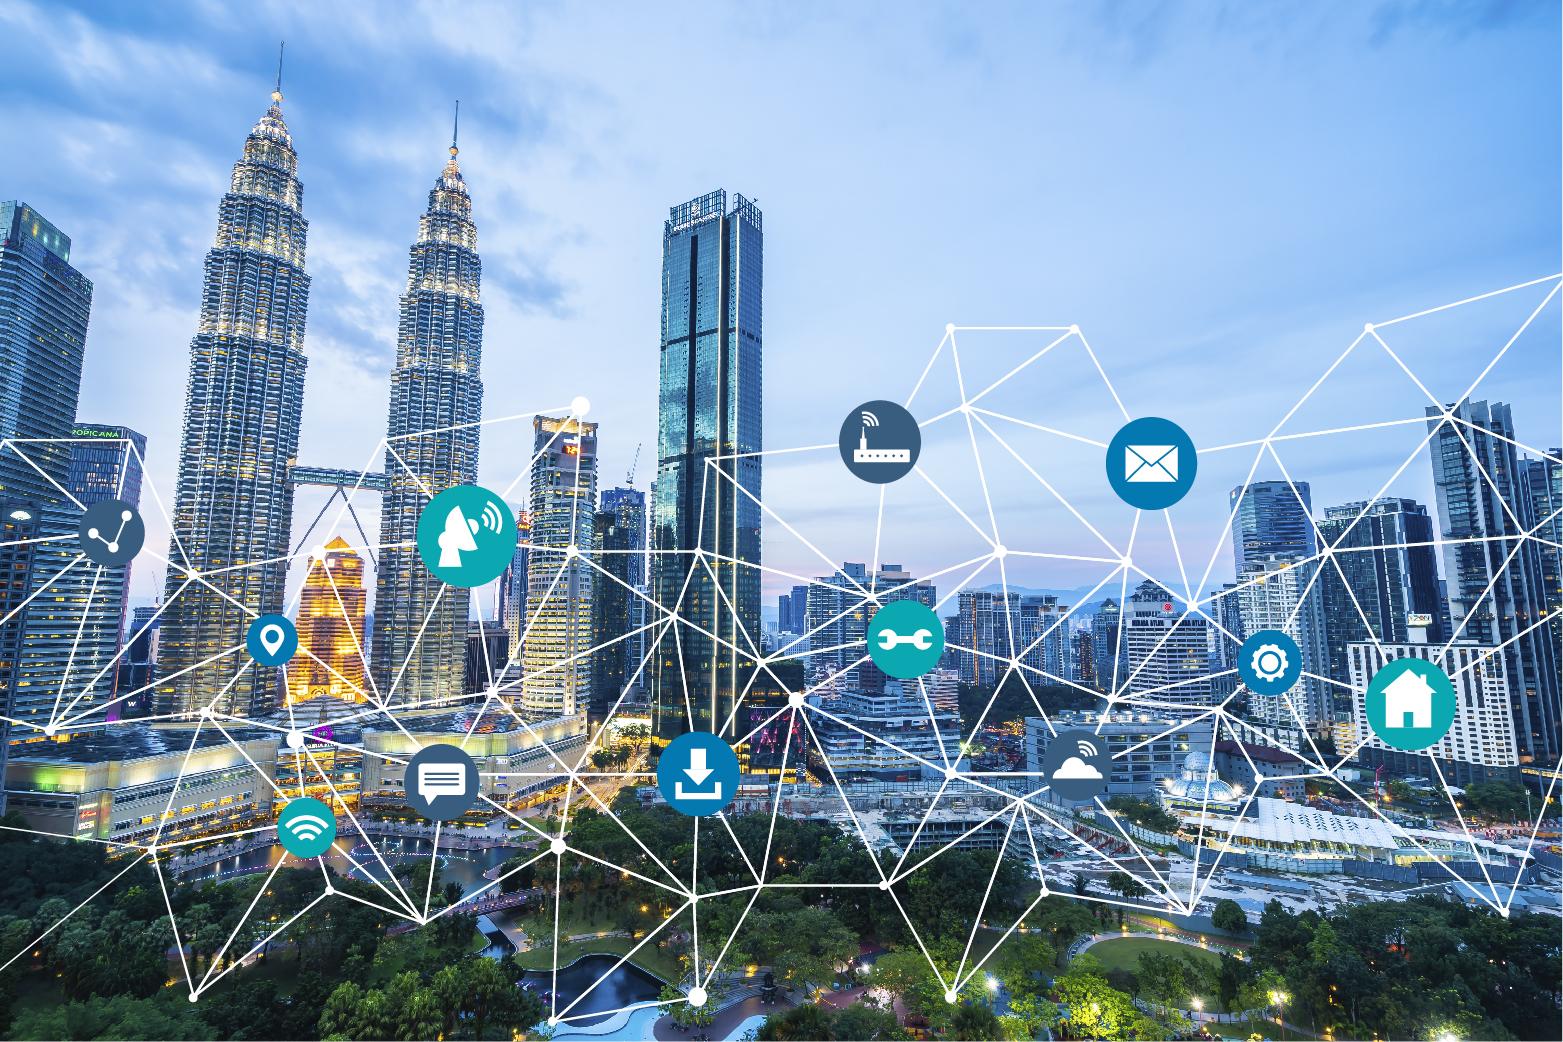 La expansión del ecosistema de la Internet of Things